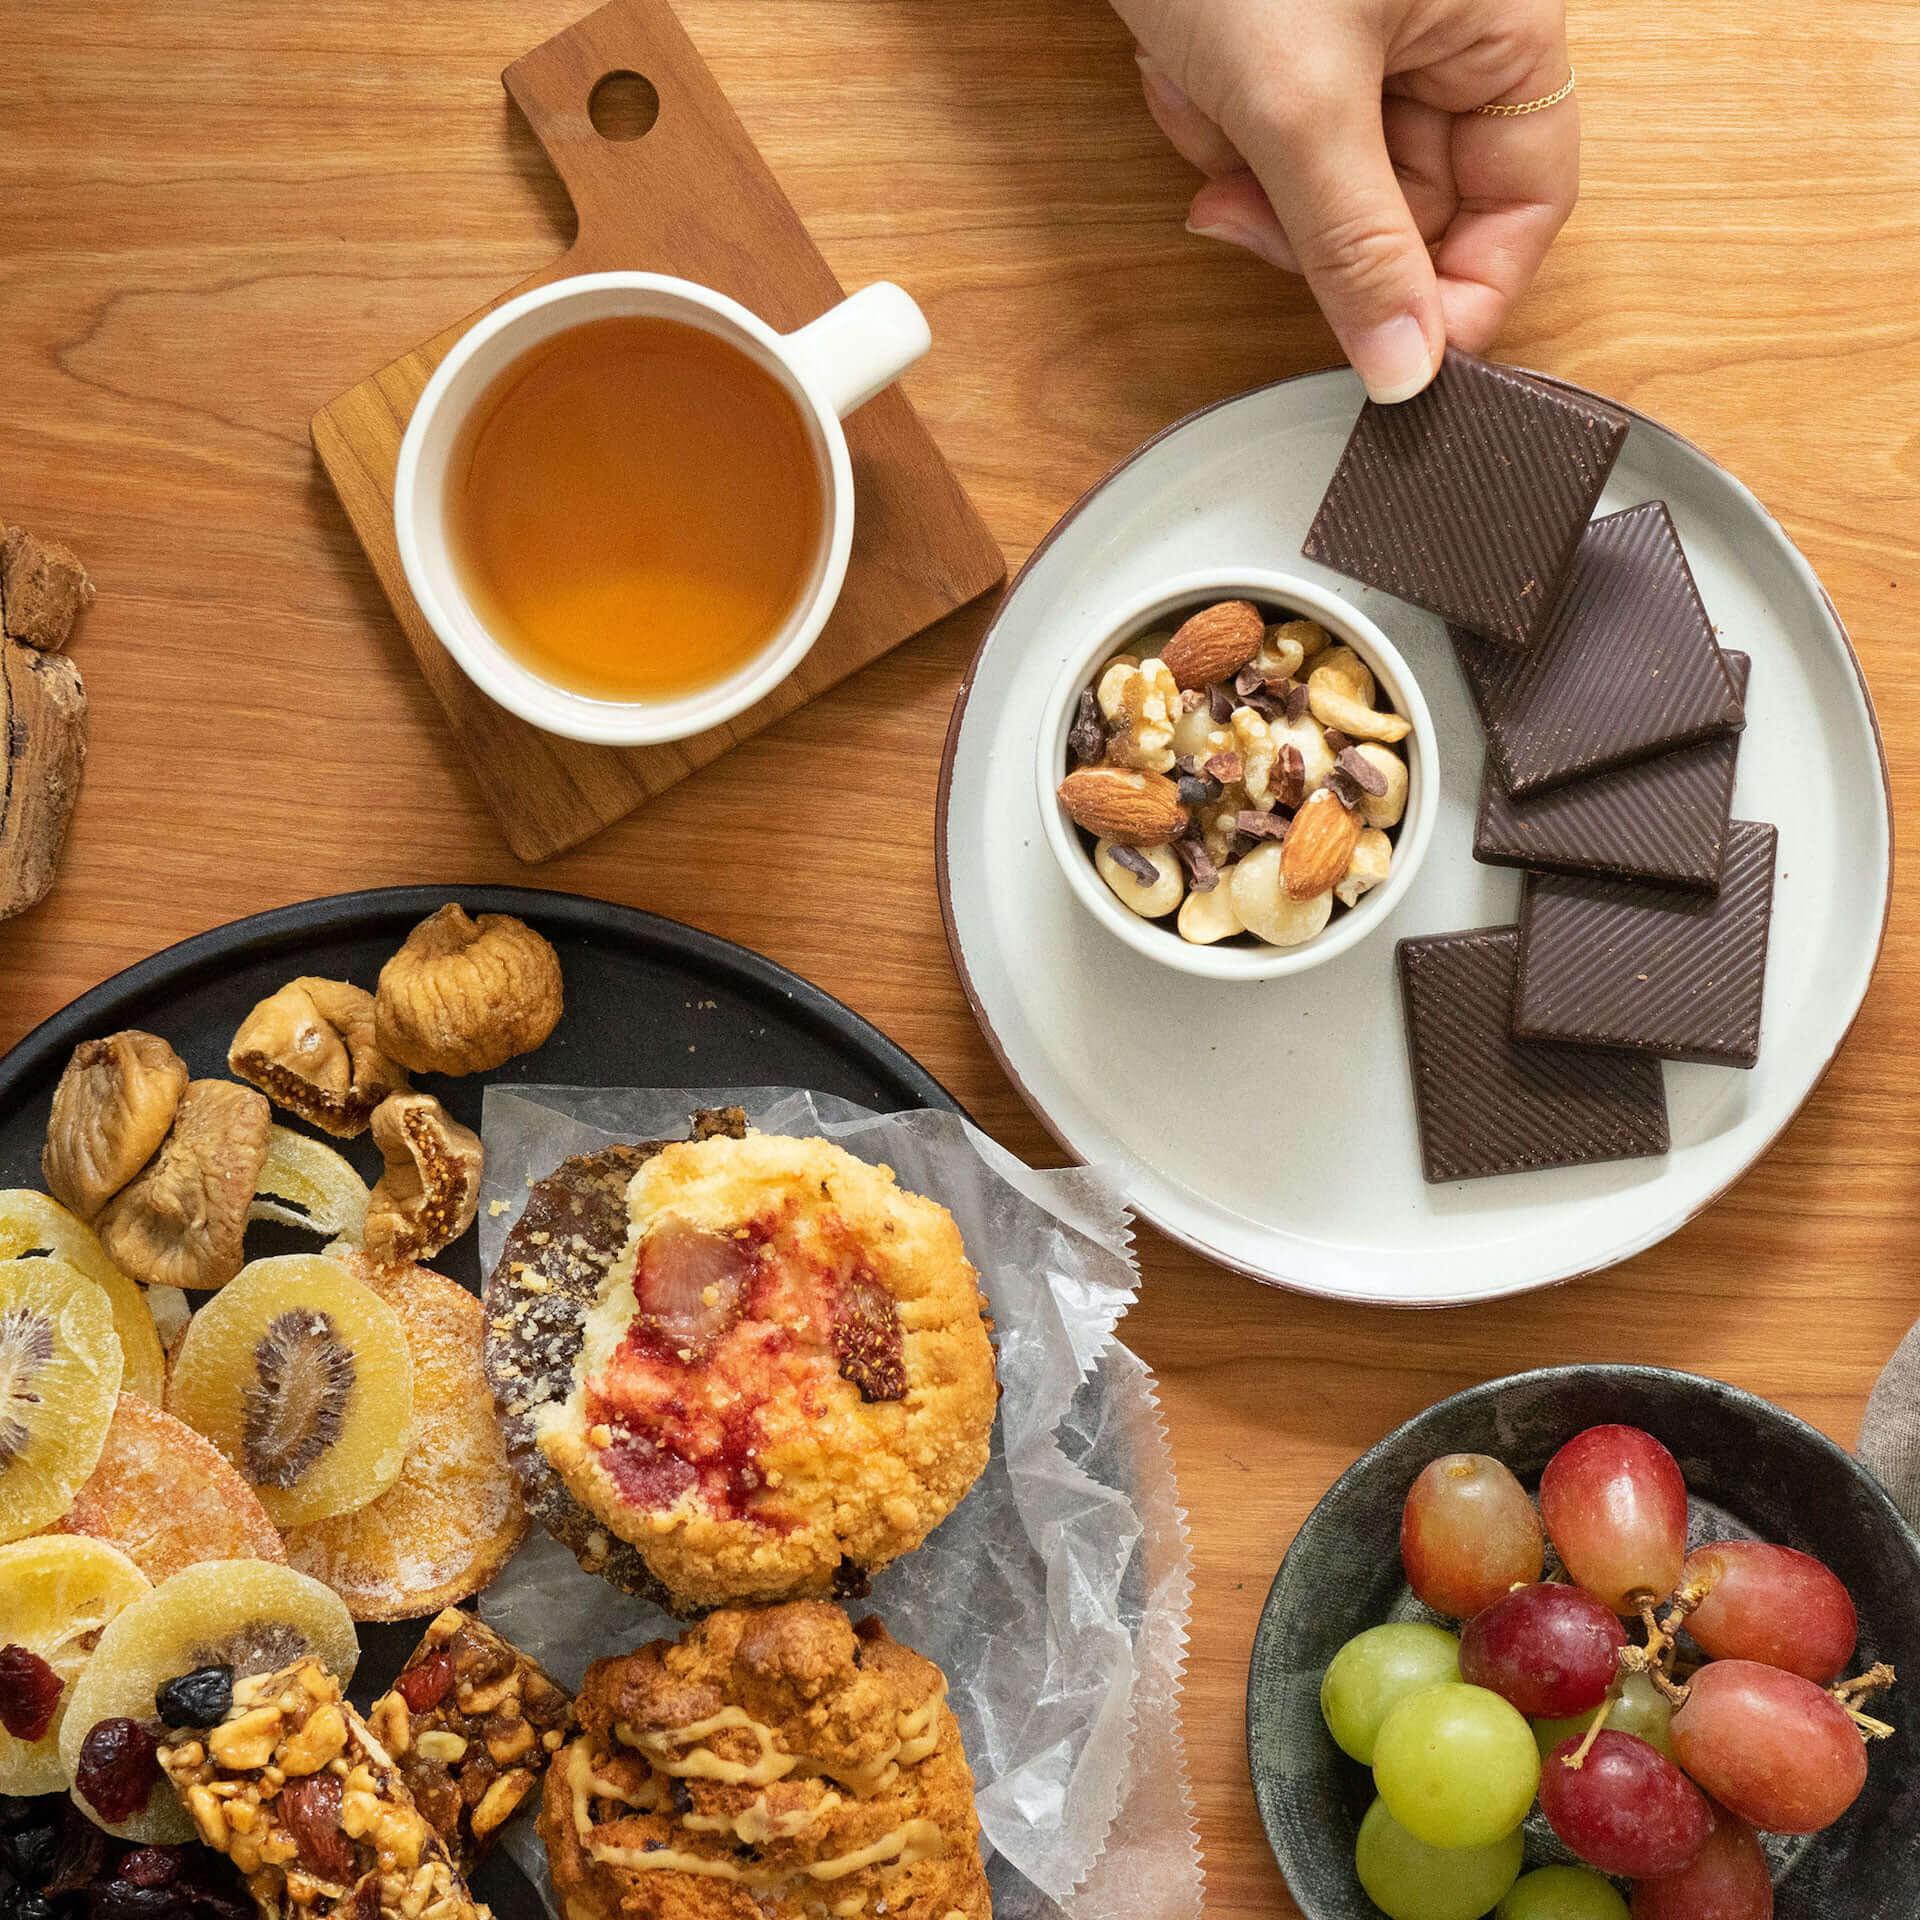 自然原料のみで作られた低糖質スーパーチョコレート『True Food Chocolate』が登場!期間限定のバレンタイン企画にて販売中 gourmet210203_true-food-chocolate_2-1920x1920